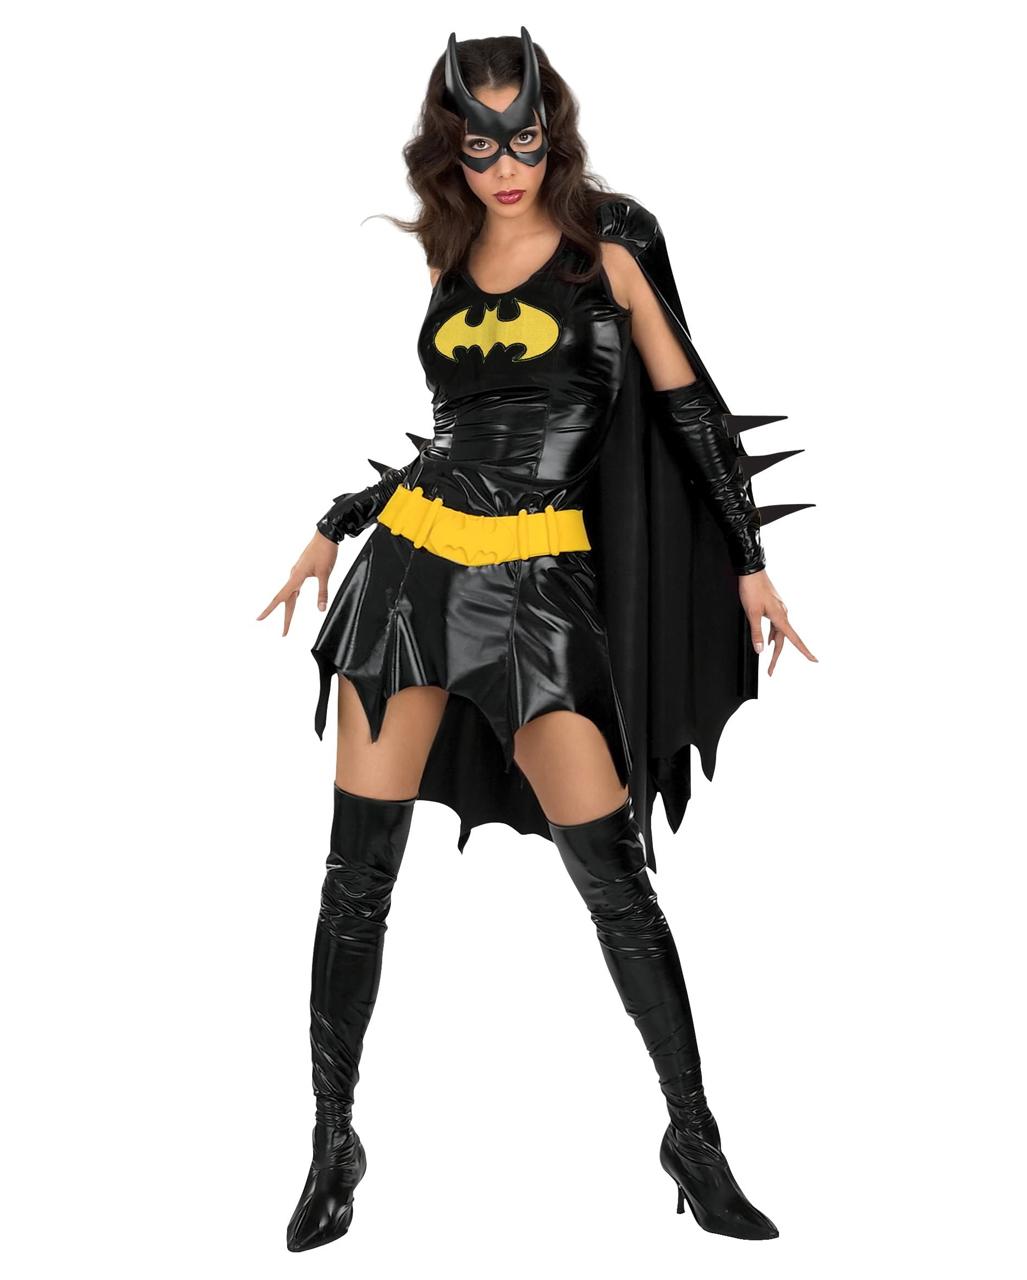 Batgirl Sexy Deluxe Costume ...  sc 1 st  Horror-Shop.com & Batgirl Sexy Deluxe Costume Superhero costume | horror-shop.com